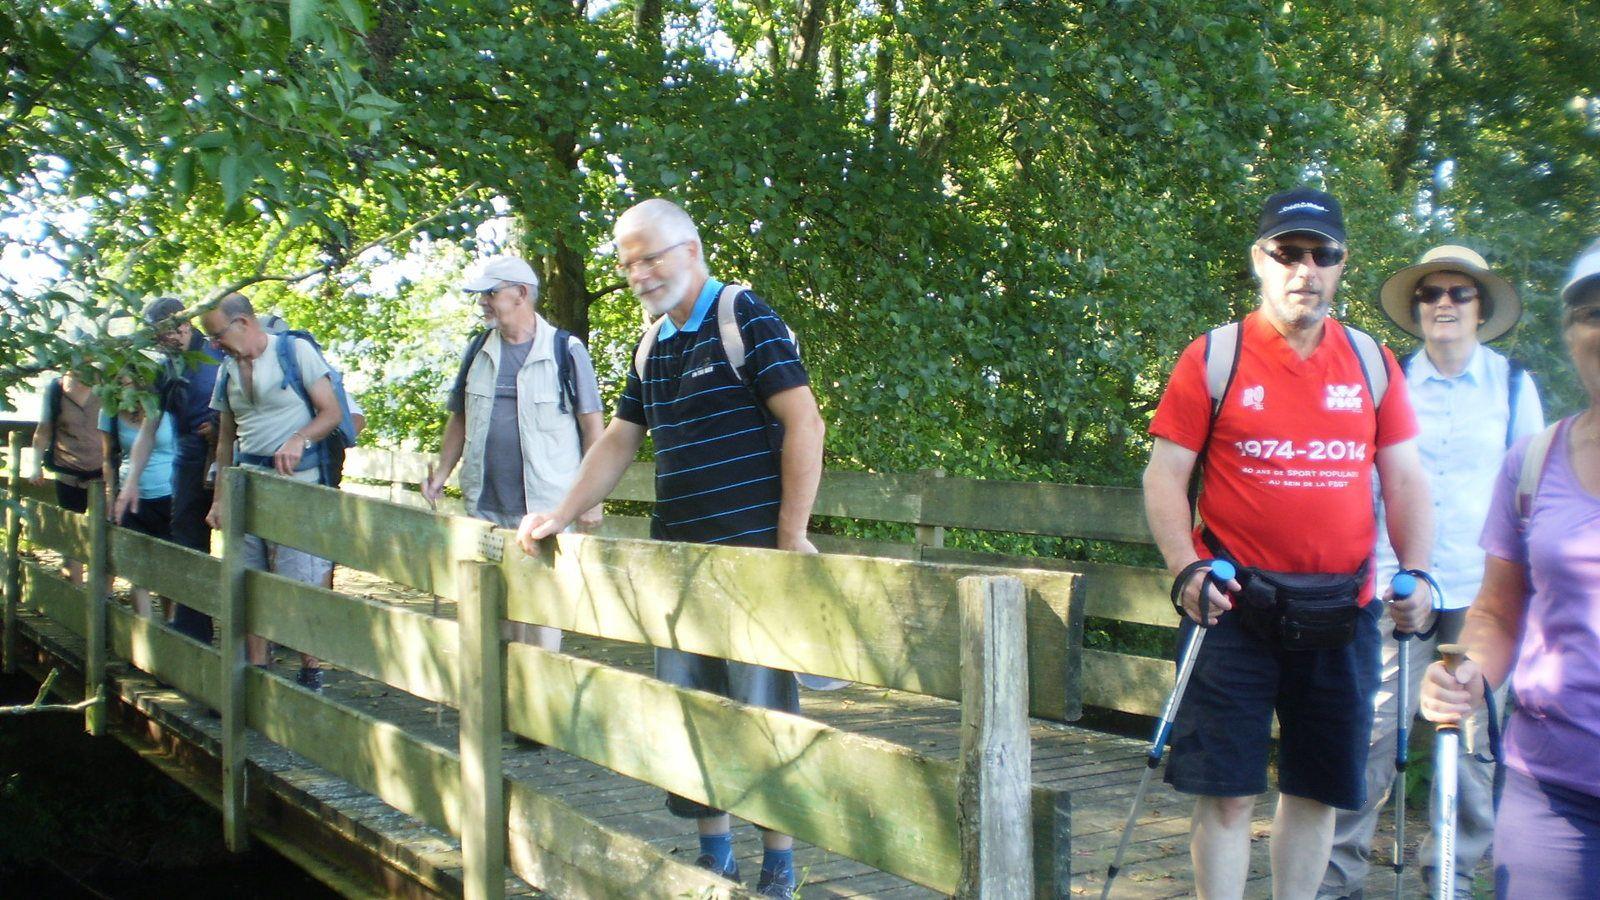 Et on traverse de nouveau la rivière sur une passerelle en bois.